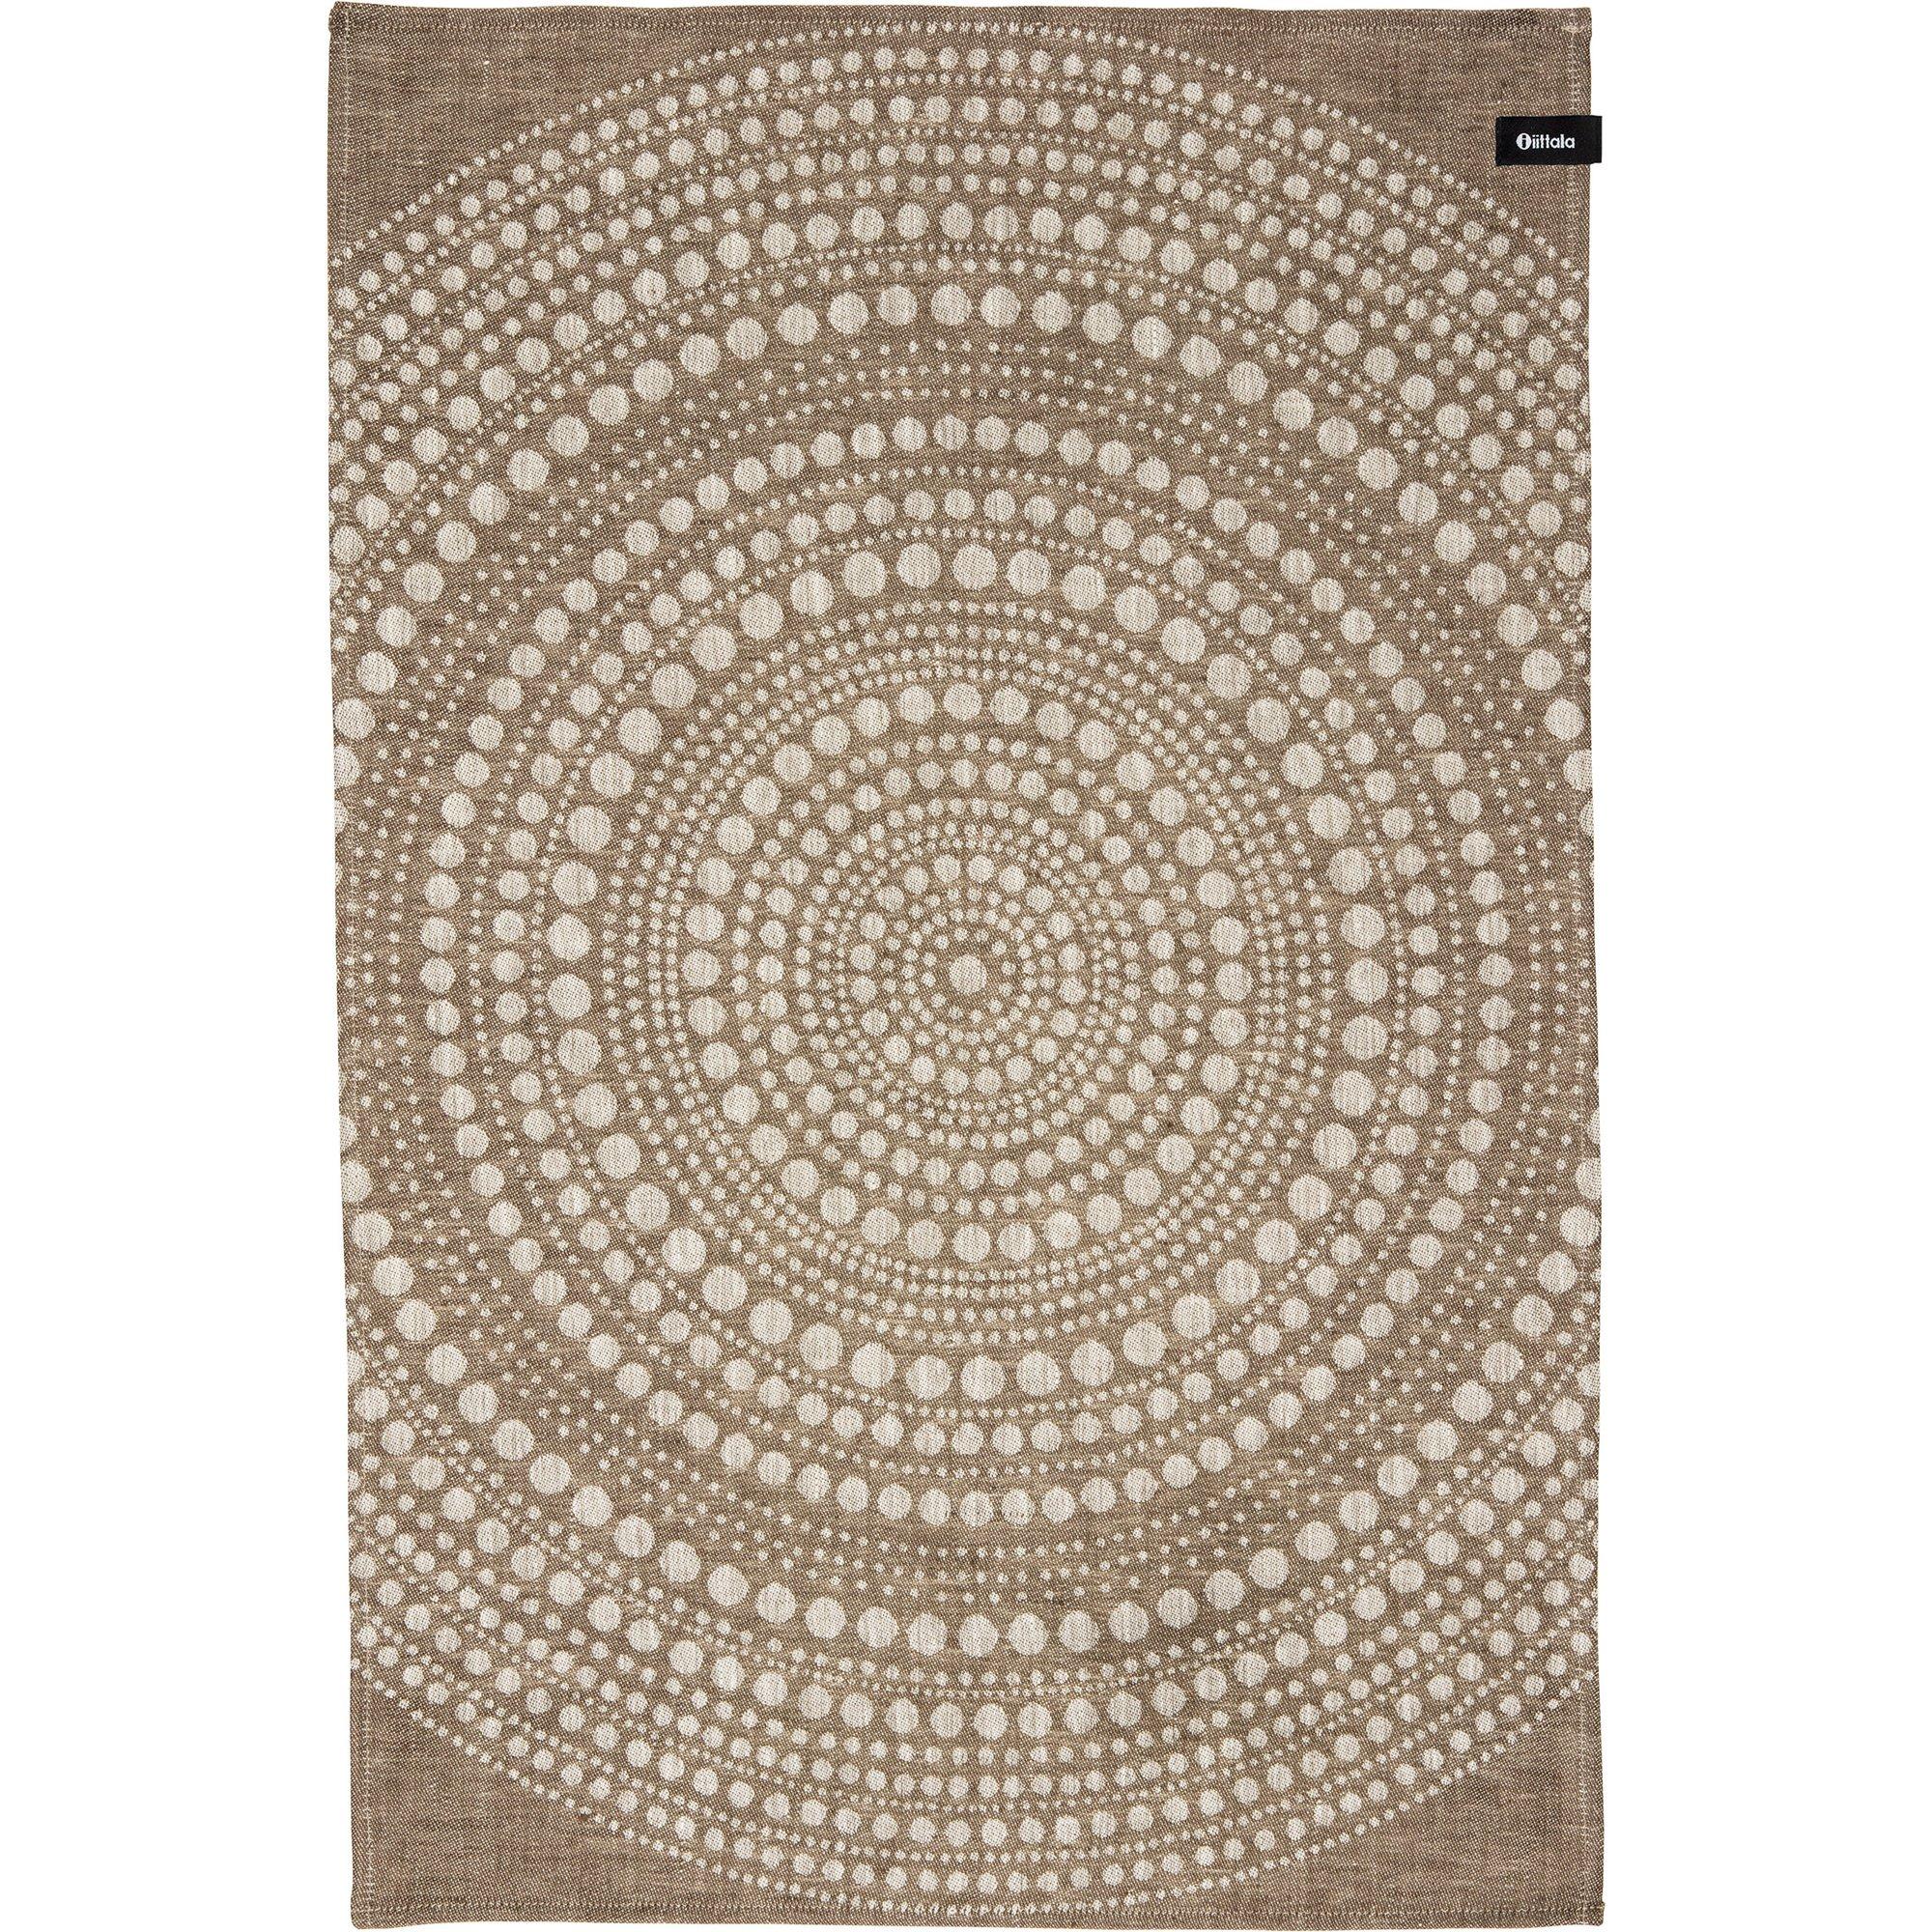 Iittala Kastehelmi kökshandduk 47 x 70 cm. linne